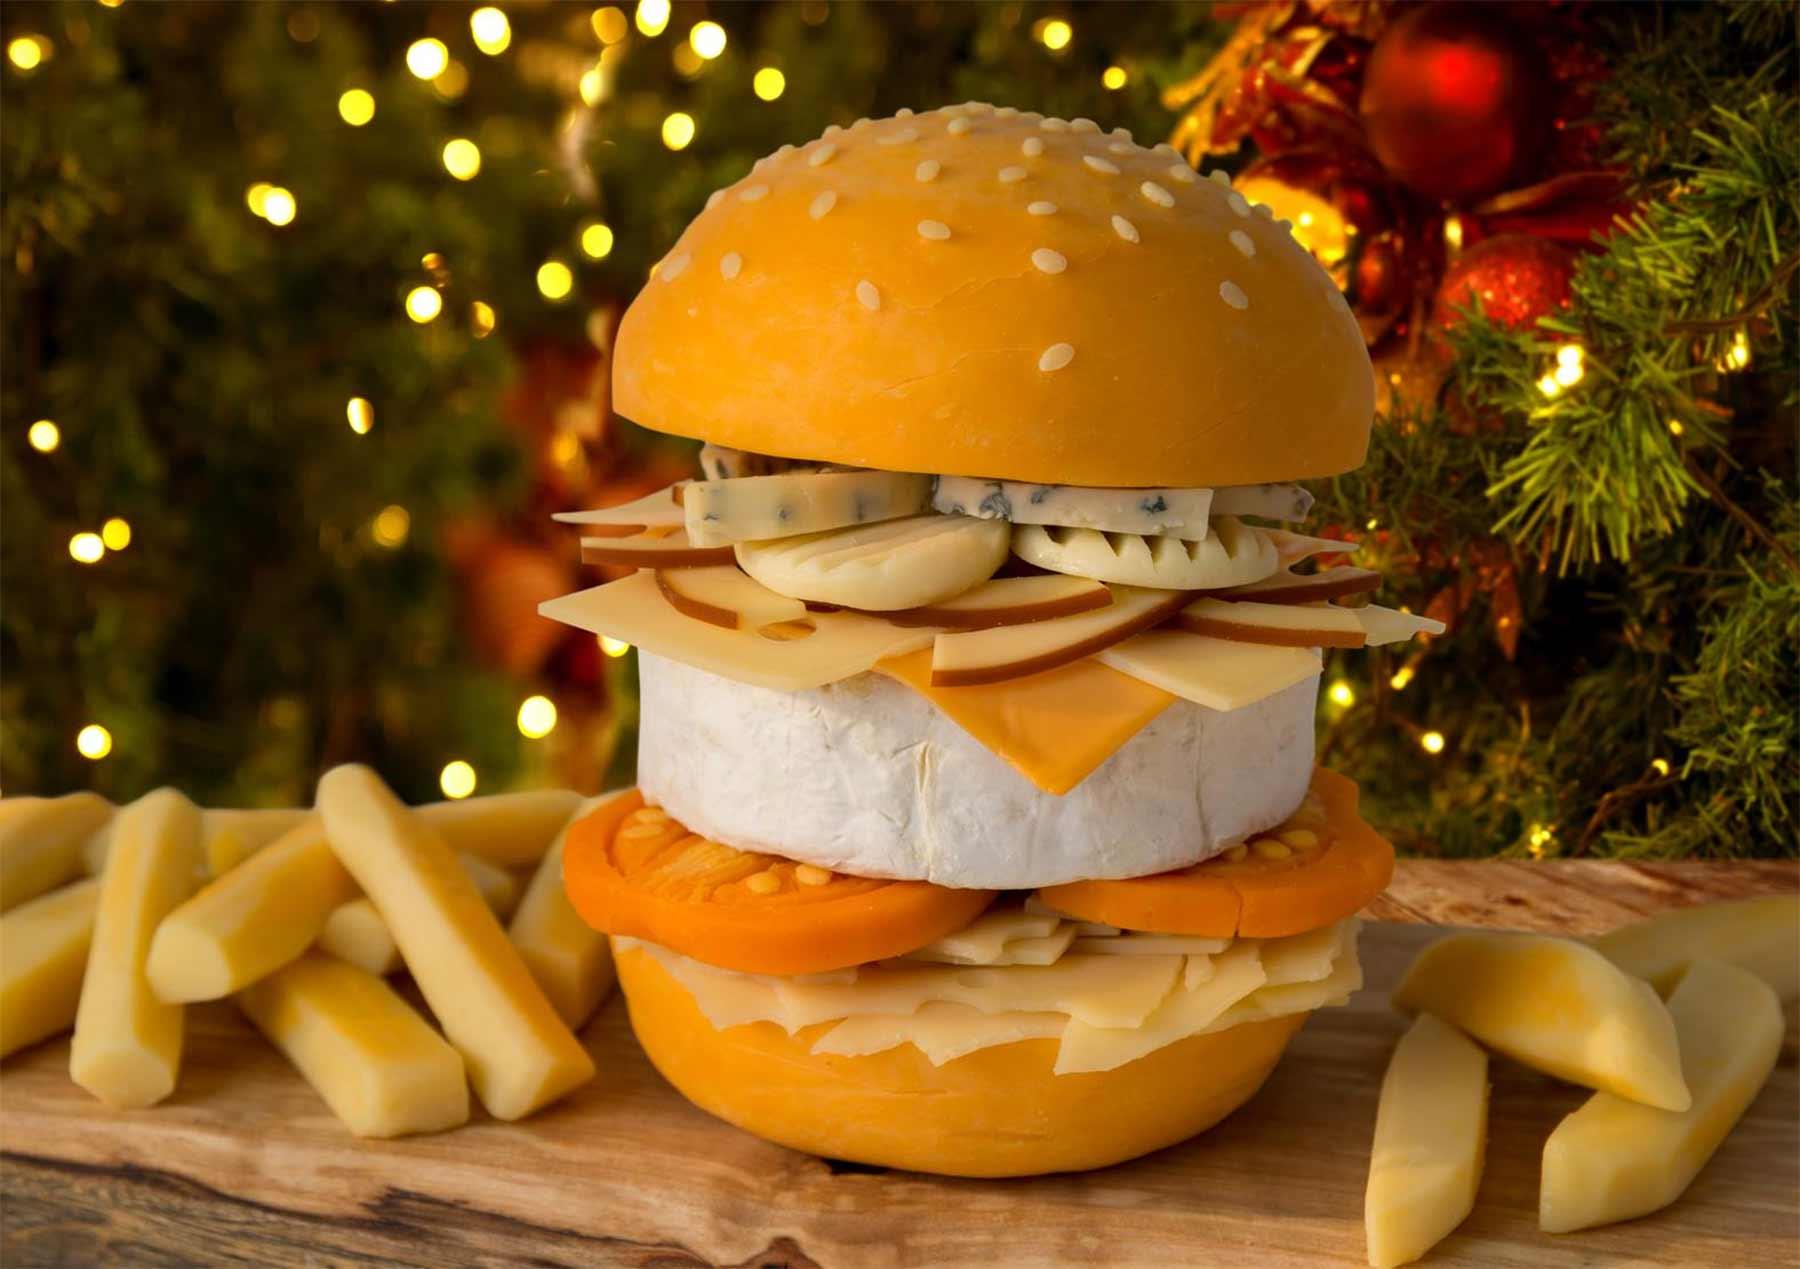 Dieser Cheeseburger besteht ausschließlich aus 9 Käsesorten cheeseburger-aus-9-sorten-kaese_02